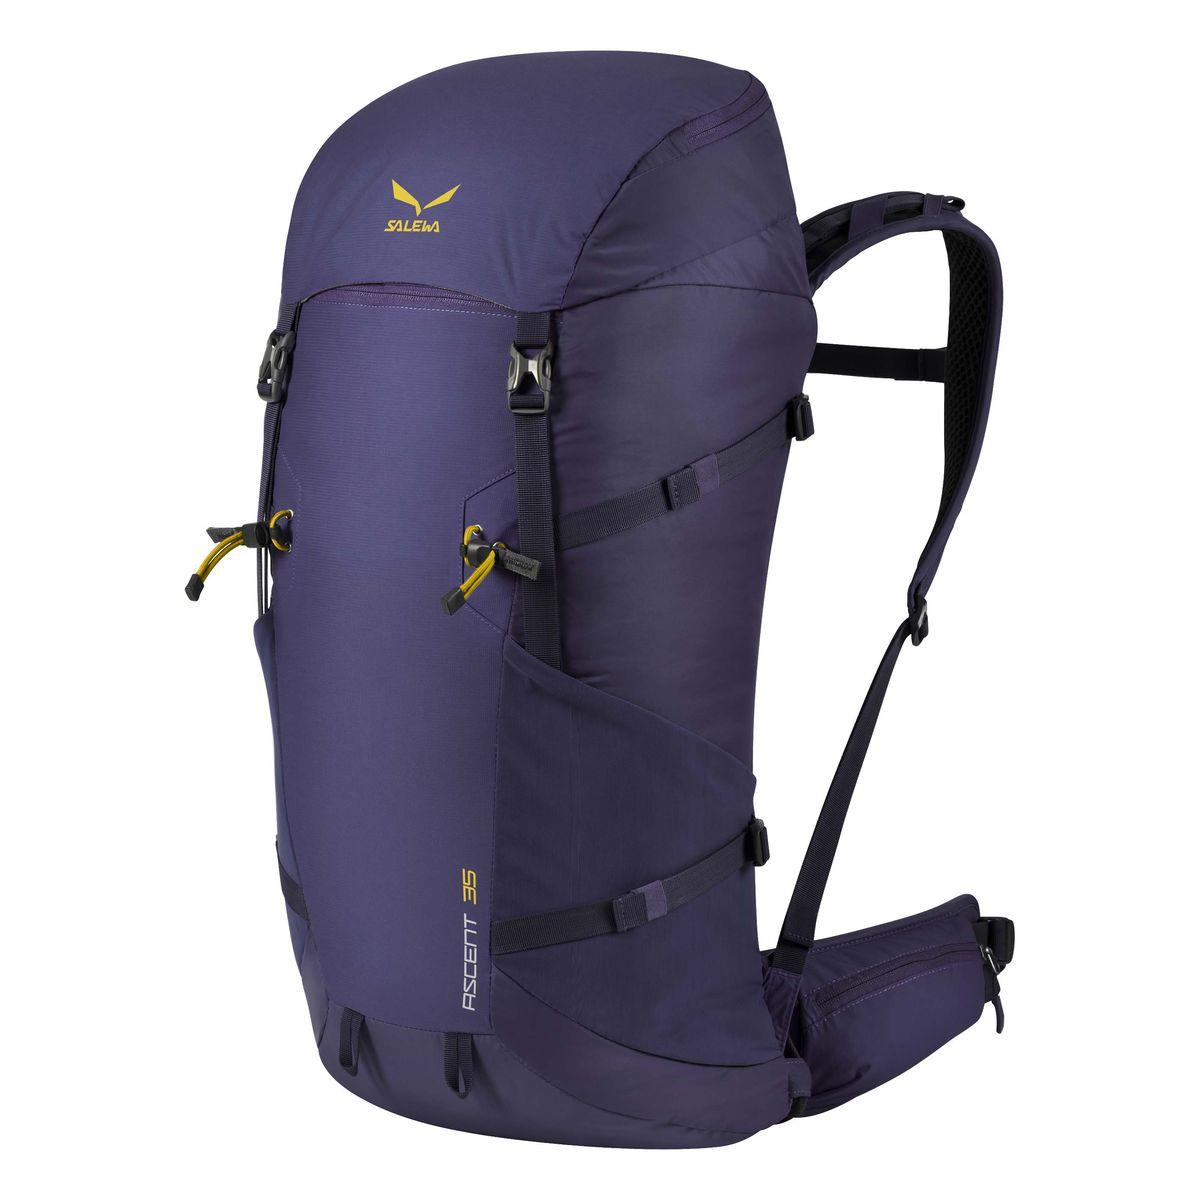 Рюкзак туристический Salewa Ascent 35, цвет: синий, 35 л1138_8680Новая современная модель рюкзака Salewa Ascent 35, который прекрасно подойдет как для однодневных так и для более длительных путешествий.Особенности:- петли для крепления ледоруба / лыжных палок- внутреннее отделение для хранения ценных вещей- боковые карманы- карман в набедренном поясе- петли для навески дополнительного снаряжения на набедренном поясе- подвесная система motionfit